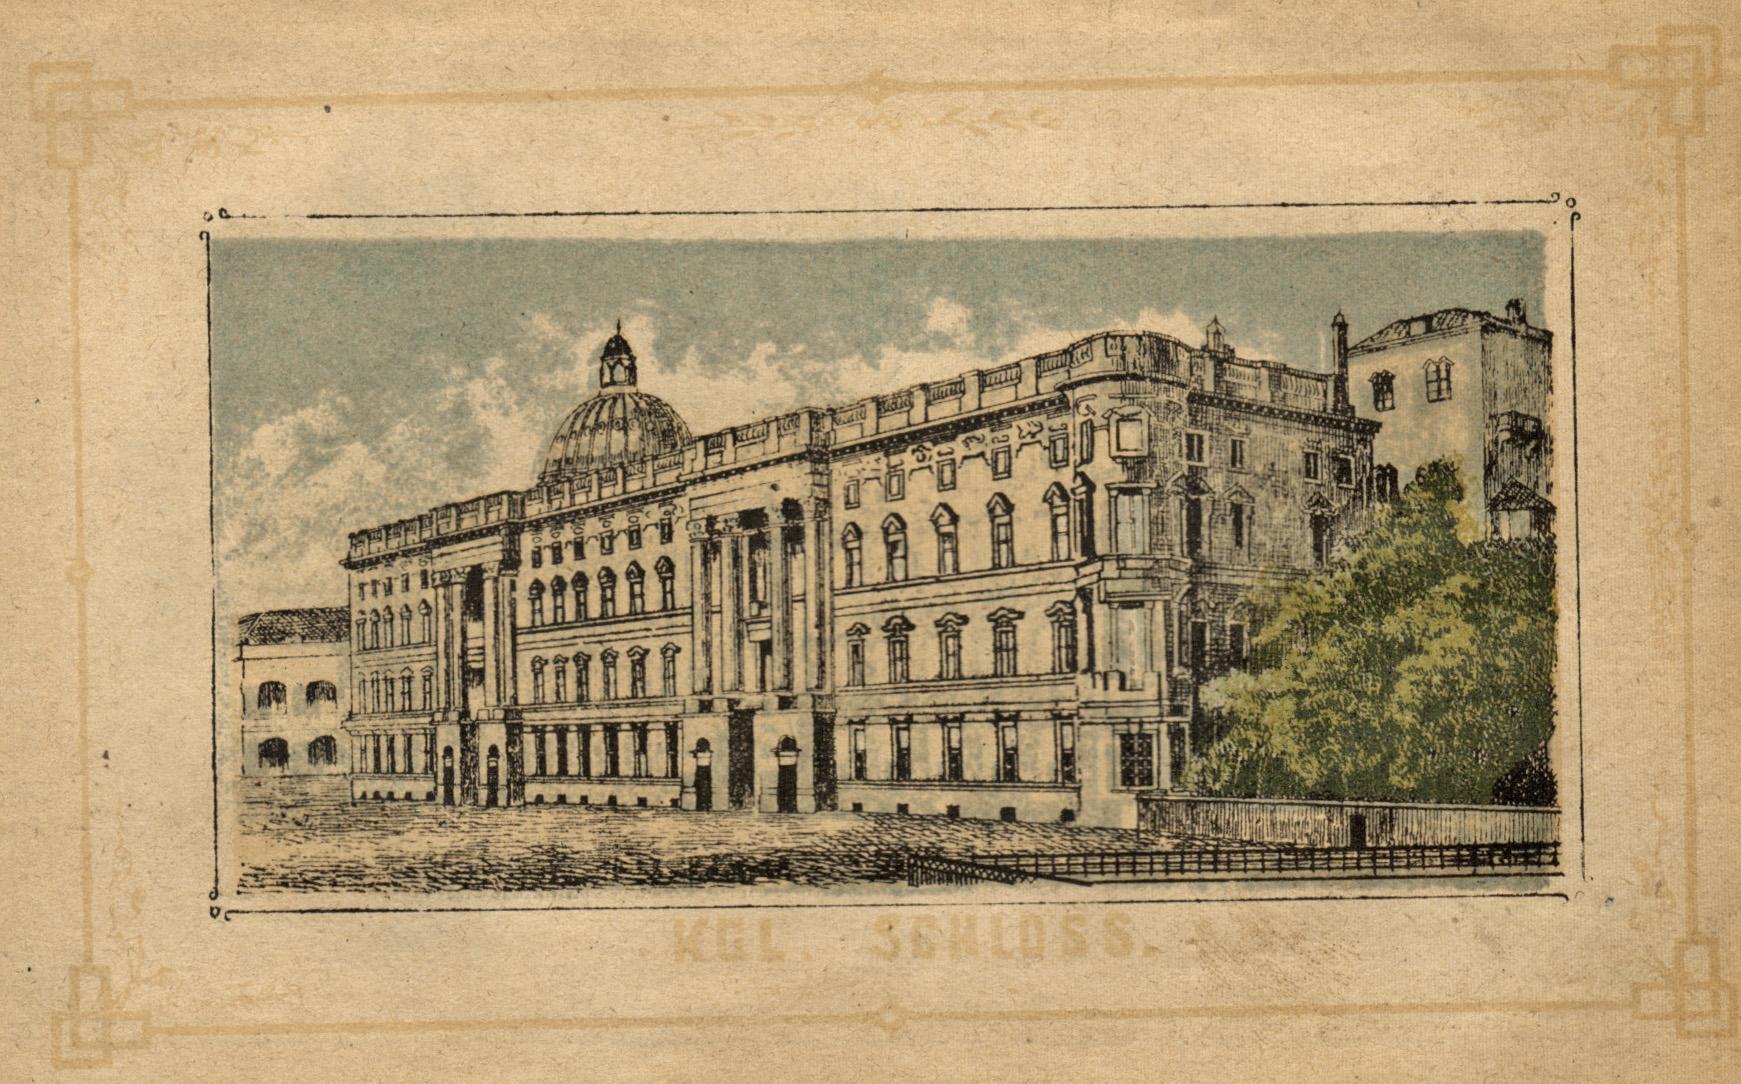 """Schloßplatzseite, """"Kgl. Schloss"""".: Berlin - Schloss:"""